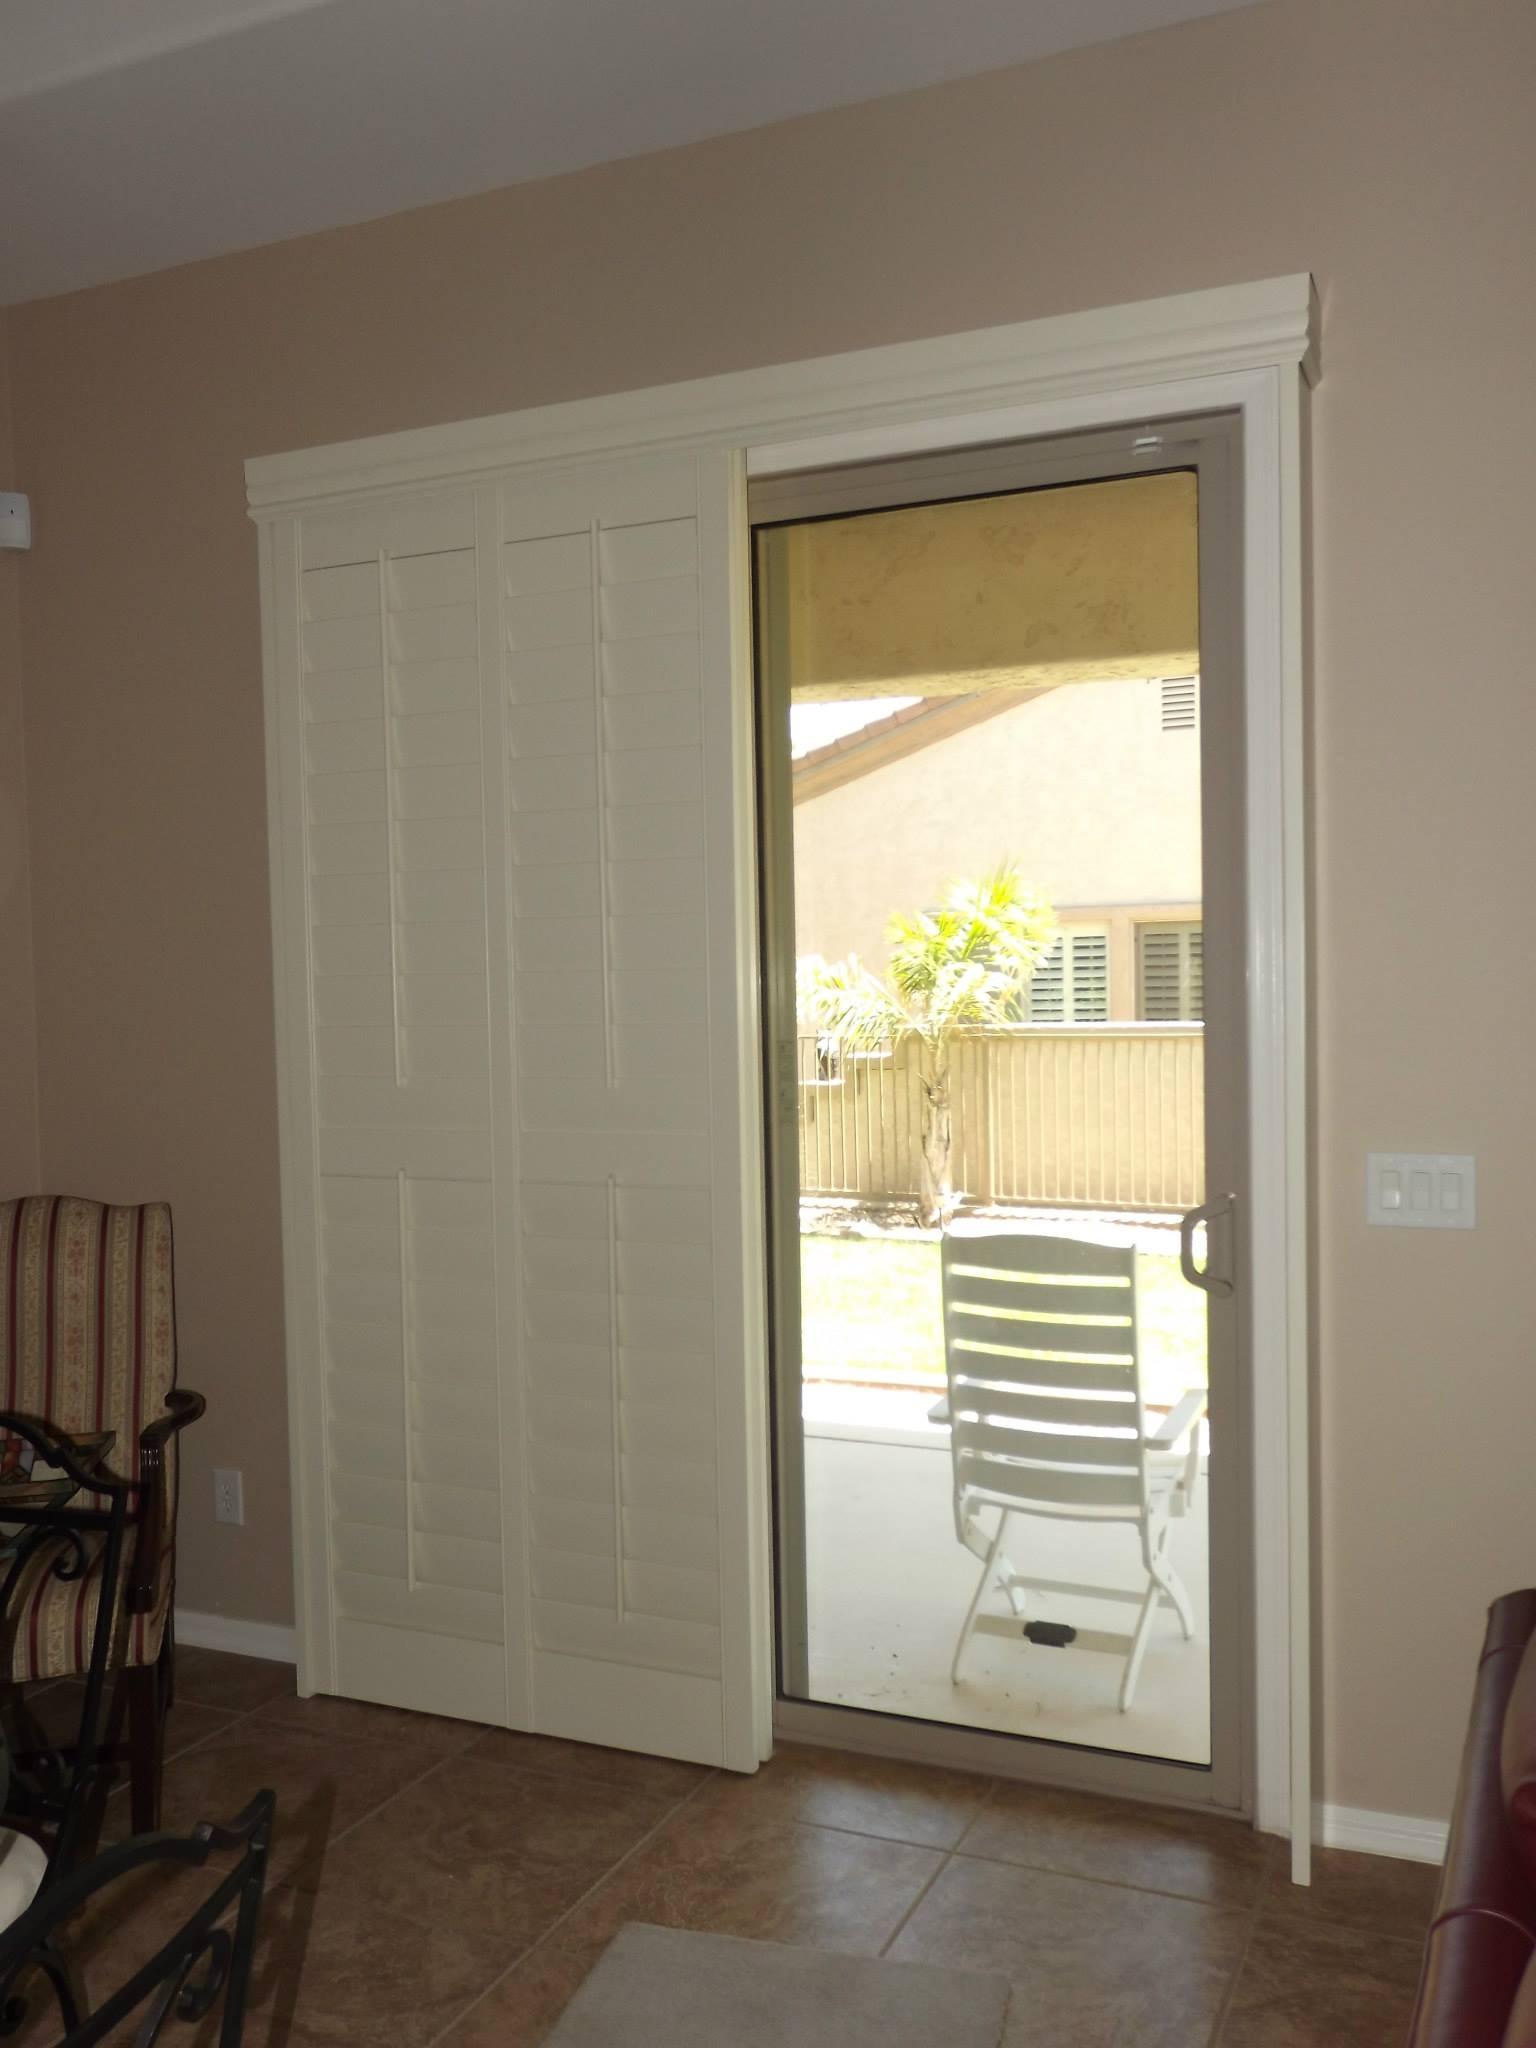 Sliding Glass Door Floor Molding1536 X 2048